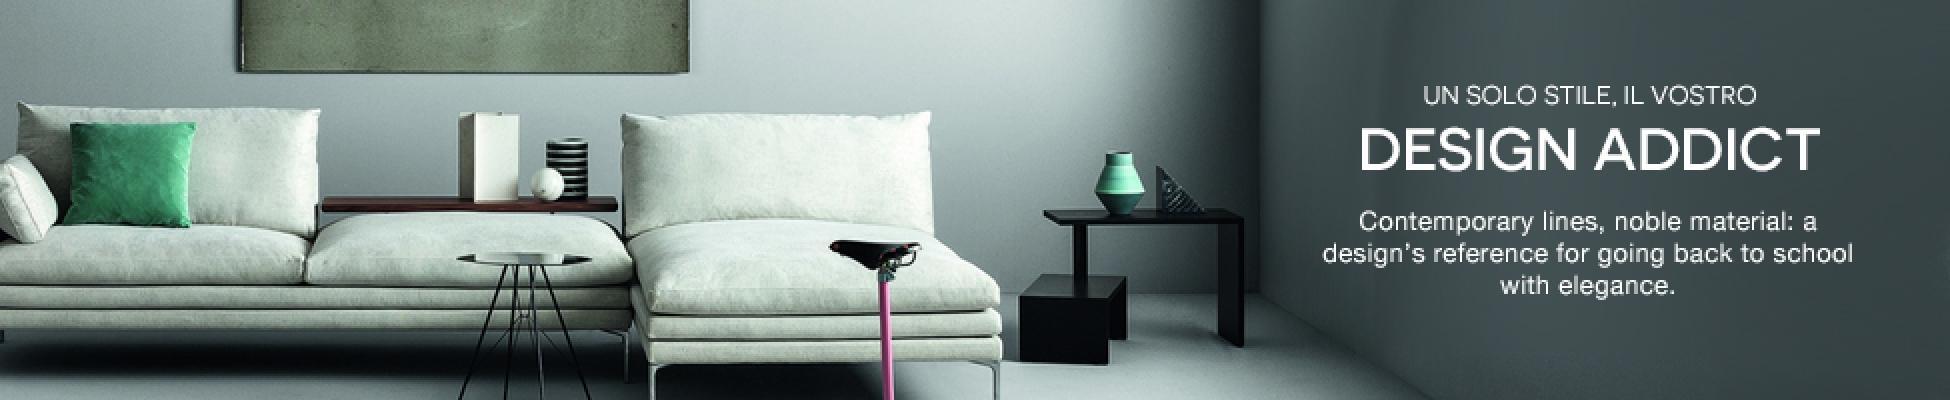 Acquisti mobili Made in design